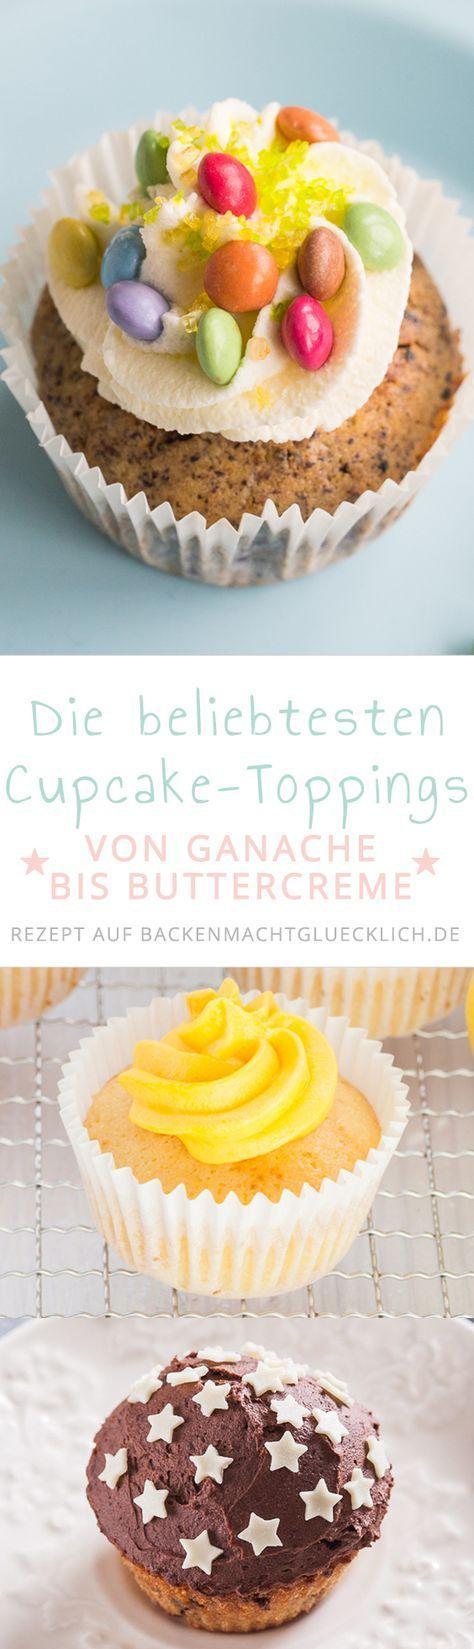 Sammlung mit Rezepten für die beliebtesten Cupcake-Frostings und Cupcake-Toppings: Buttercreme, Frischkäse-Buttercreme, Schokoladenganache, Meringueglasur sowie Frischkäsecreme mit weißer Schokolade.